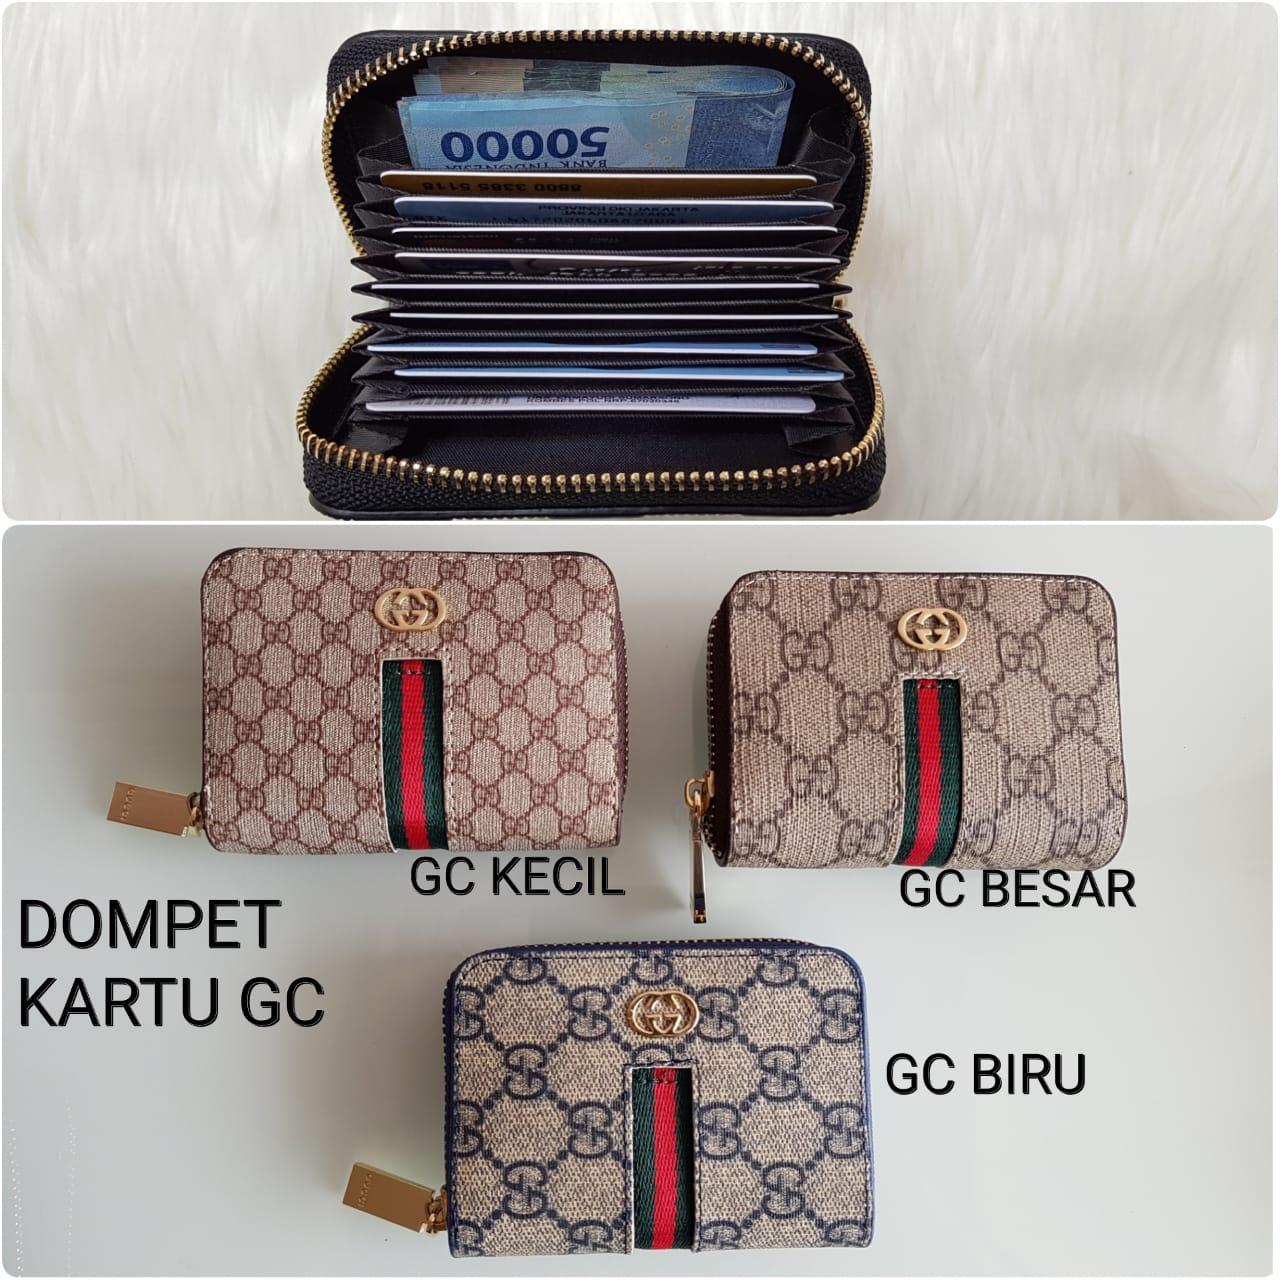 Jual Tas Gucci (Wanita) Terbaru  d39ae7ebd1